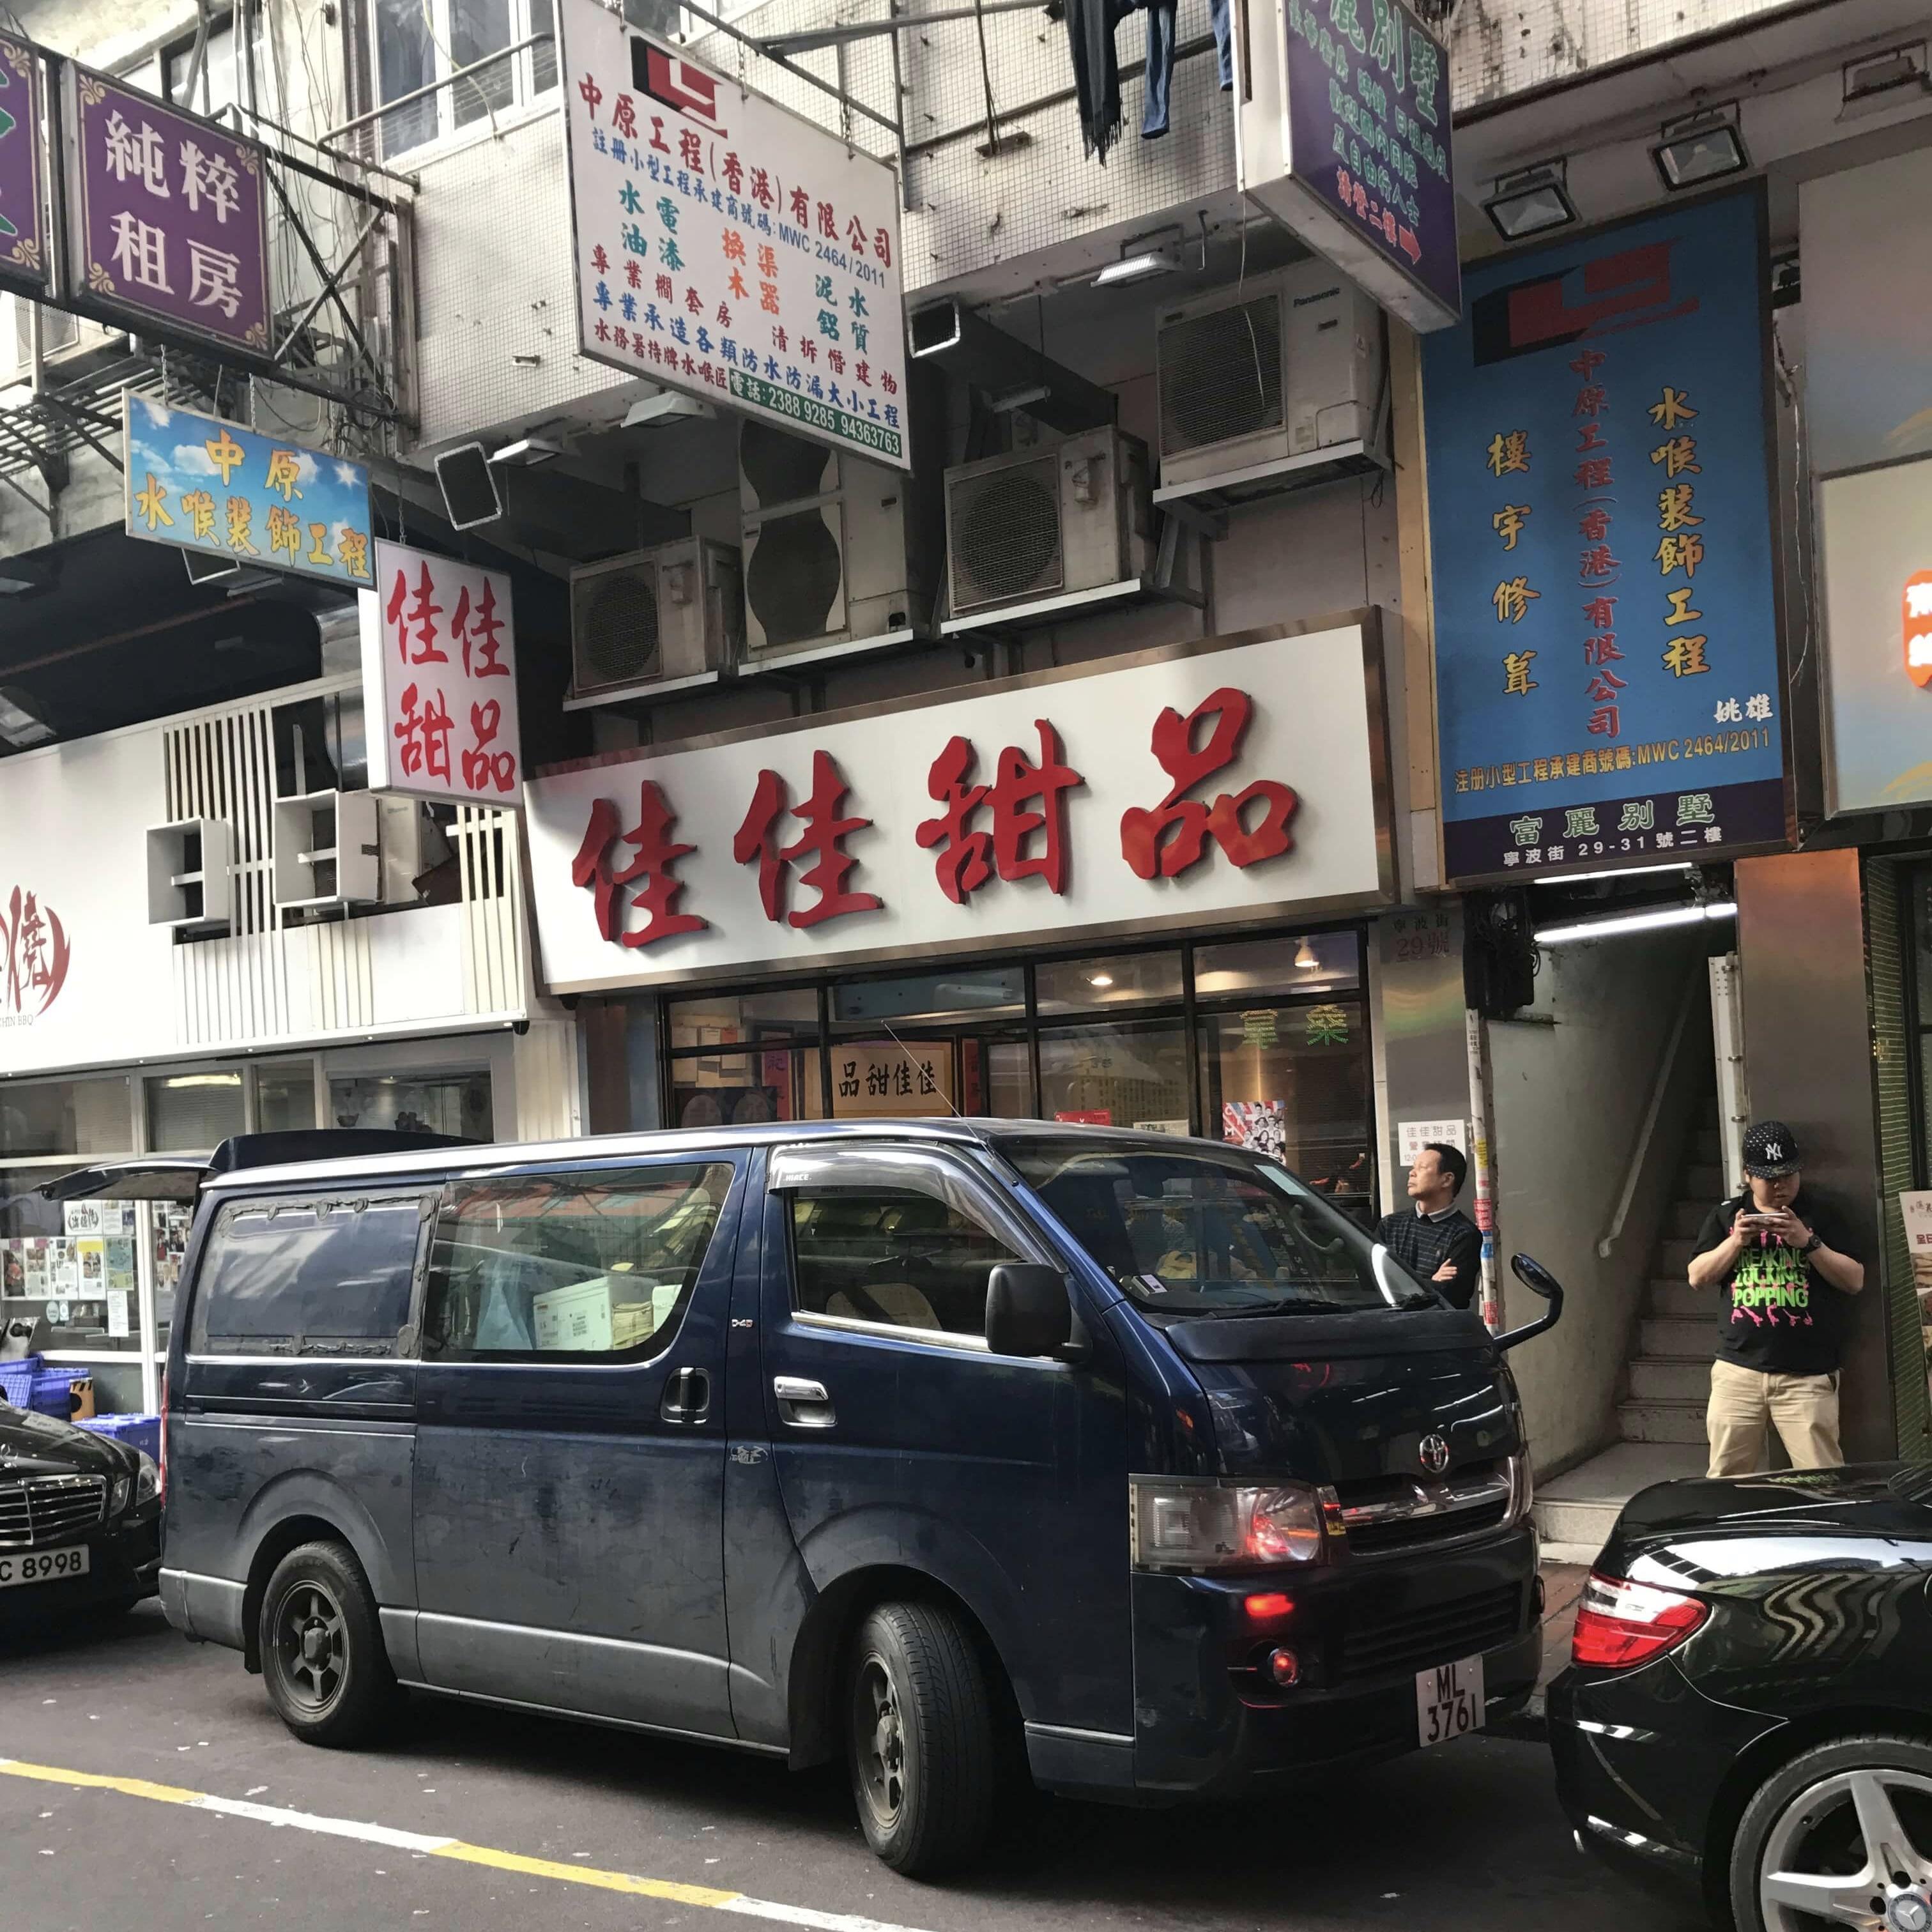 初上陸!香港はアートあふれる美味しい街(1)_1_10-1